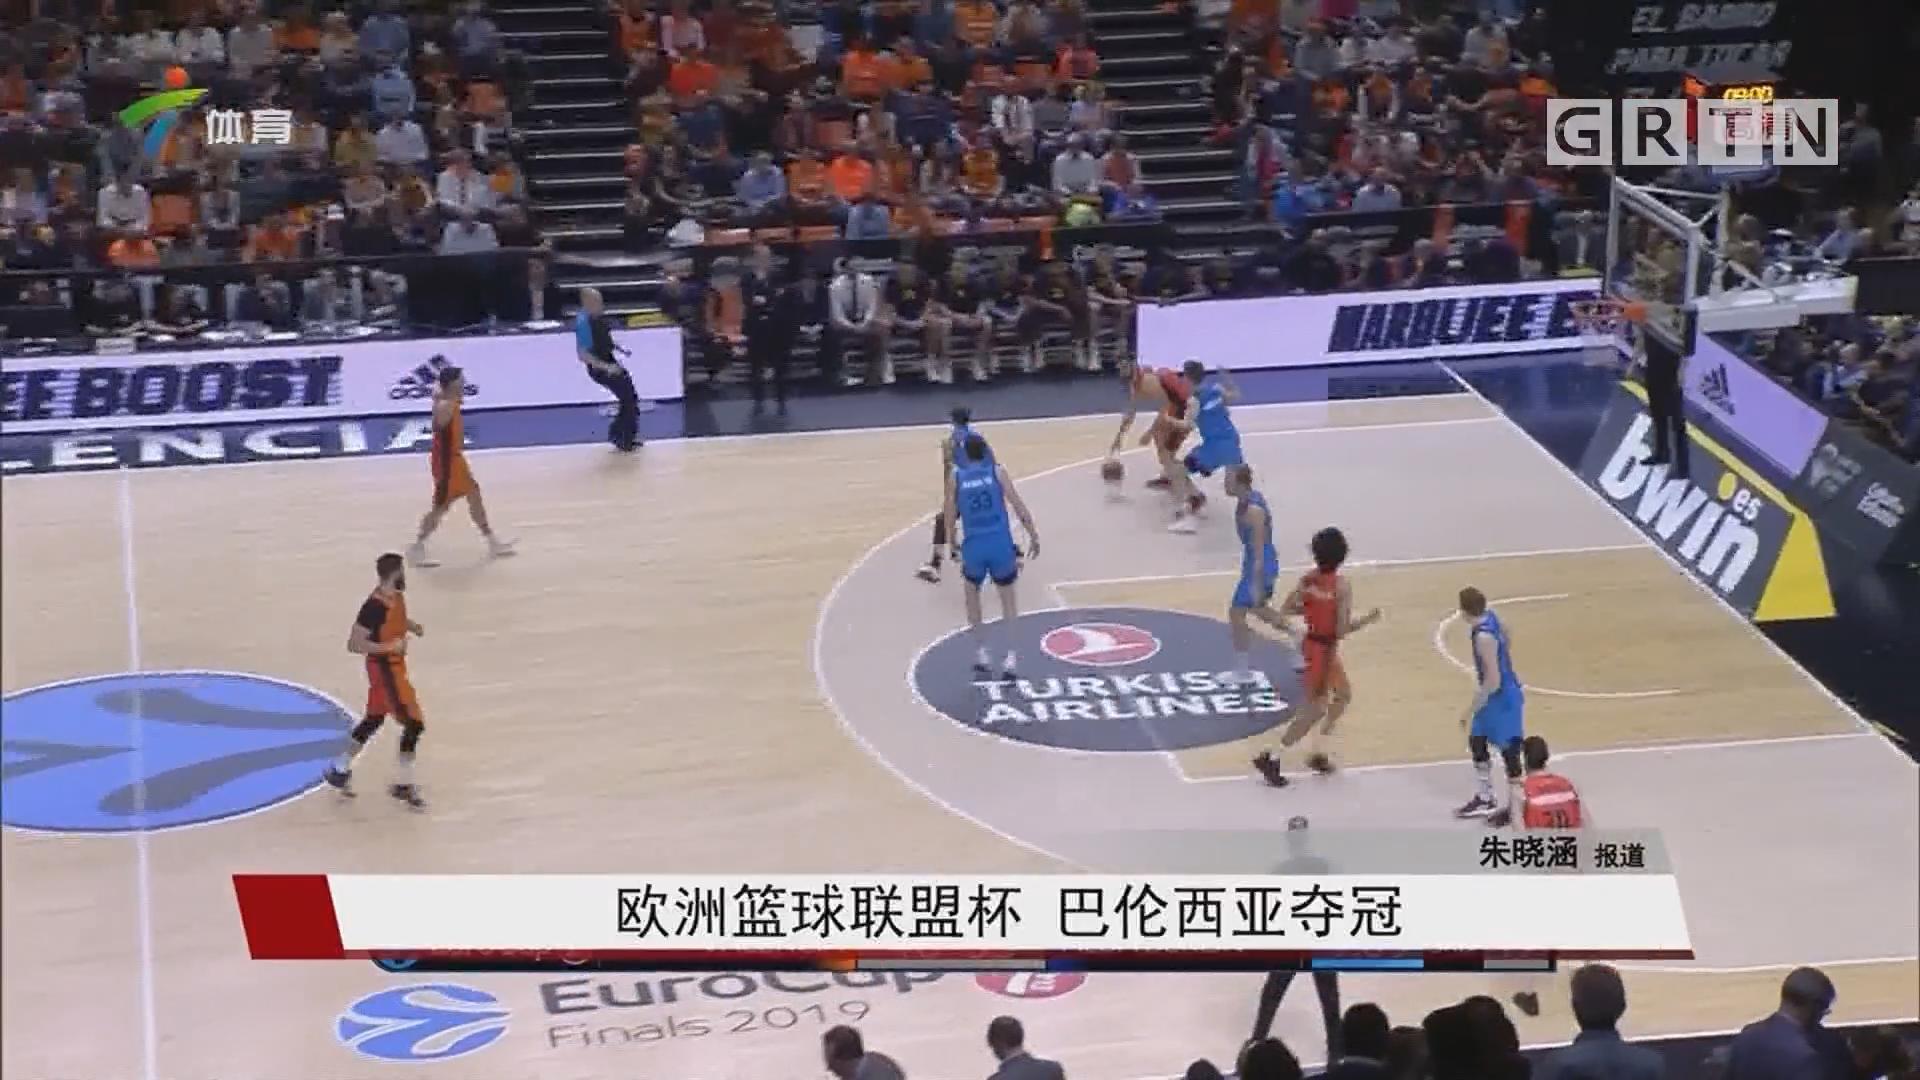 欧洲篮球联盟杯 巴伦西亚夺冠